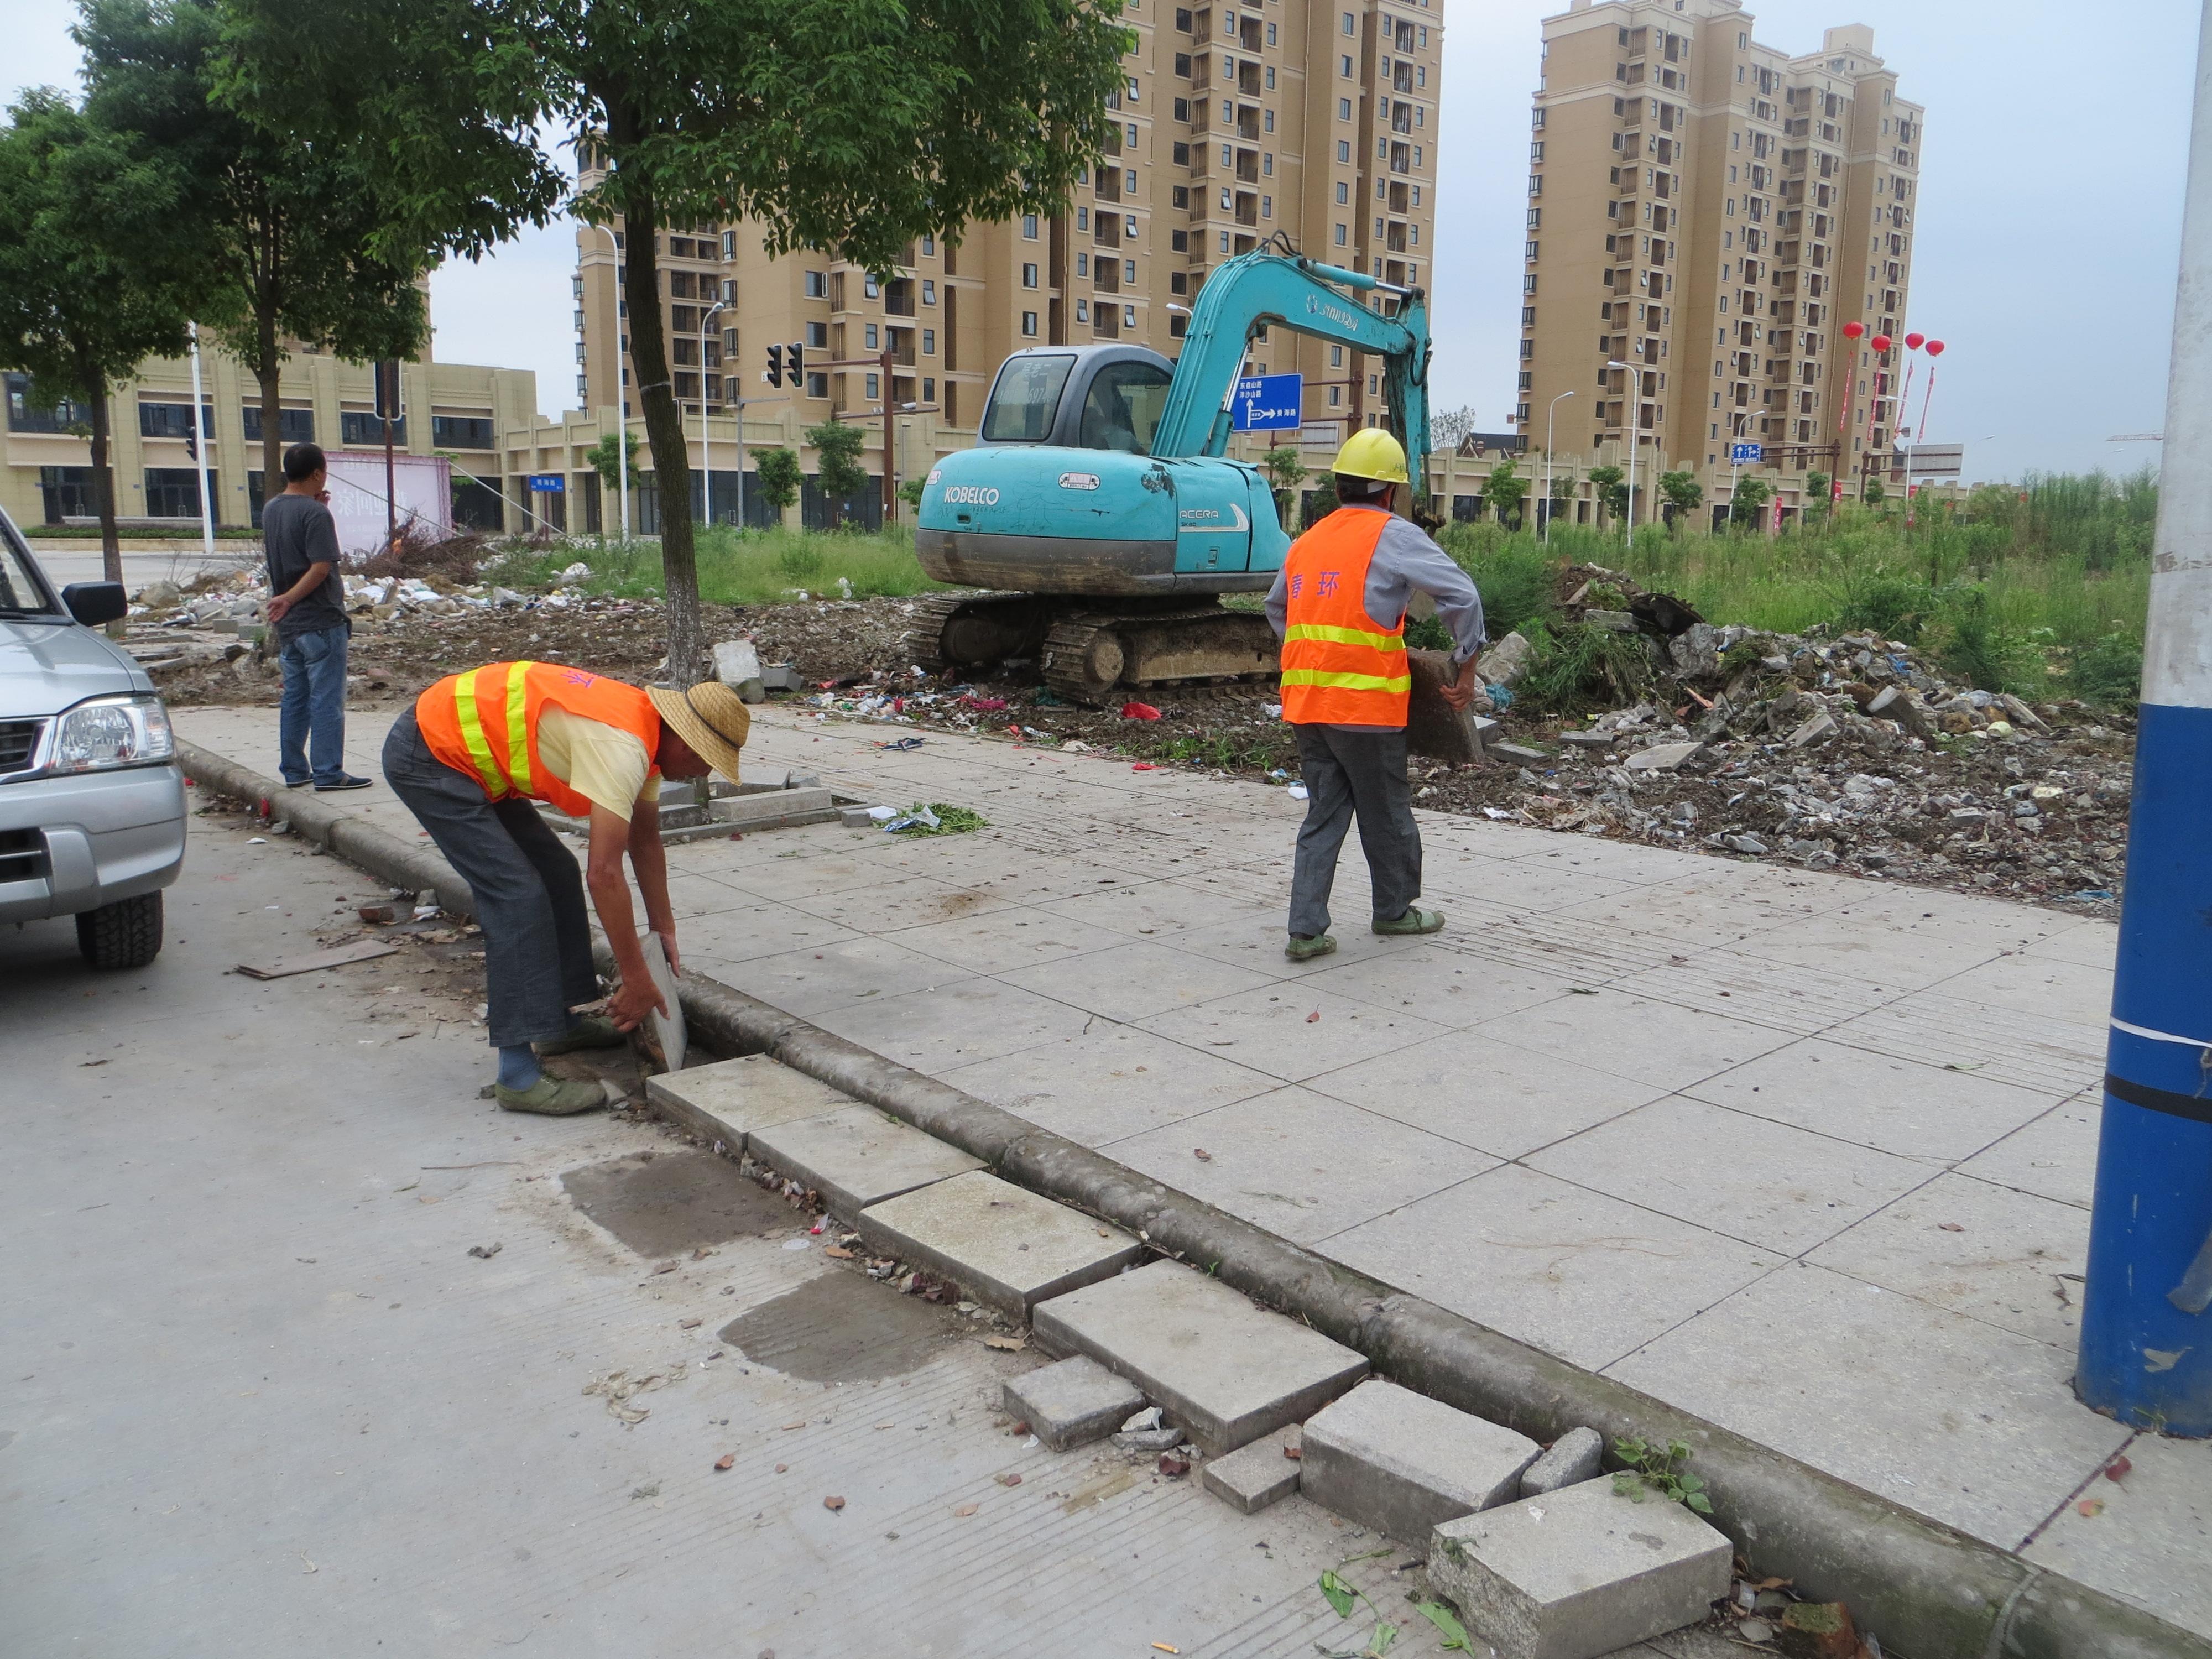 春晓:聚力建筑垃圾整治,深化文明城市创建